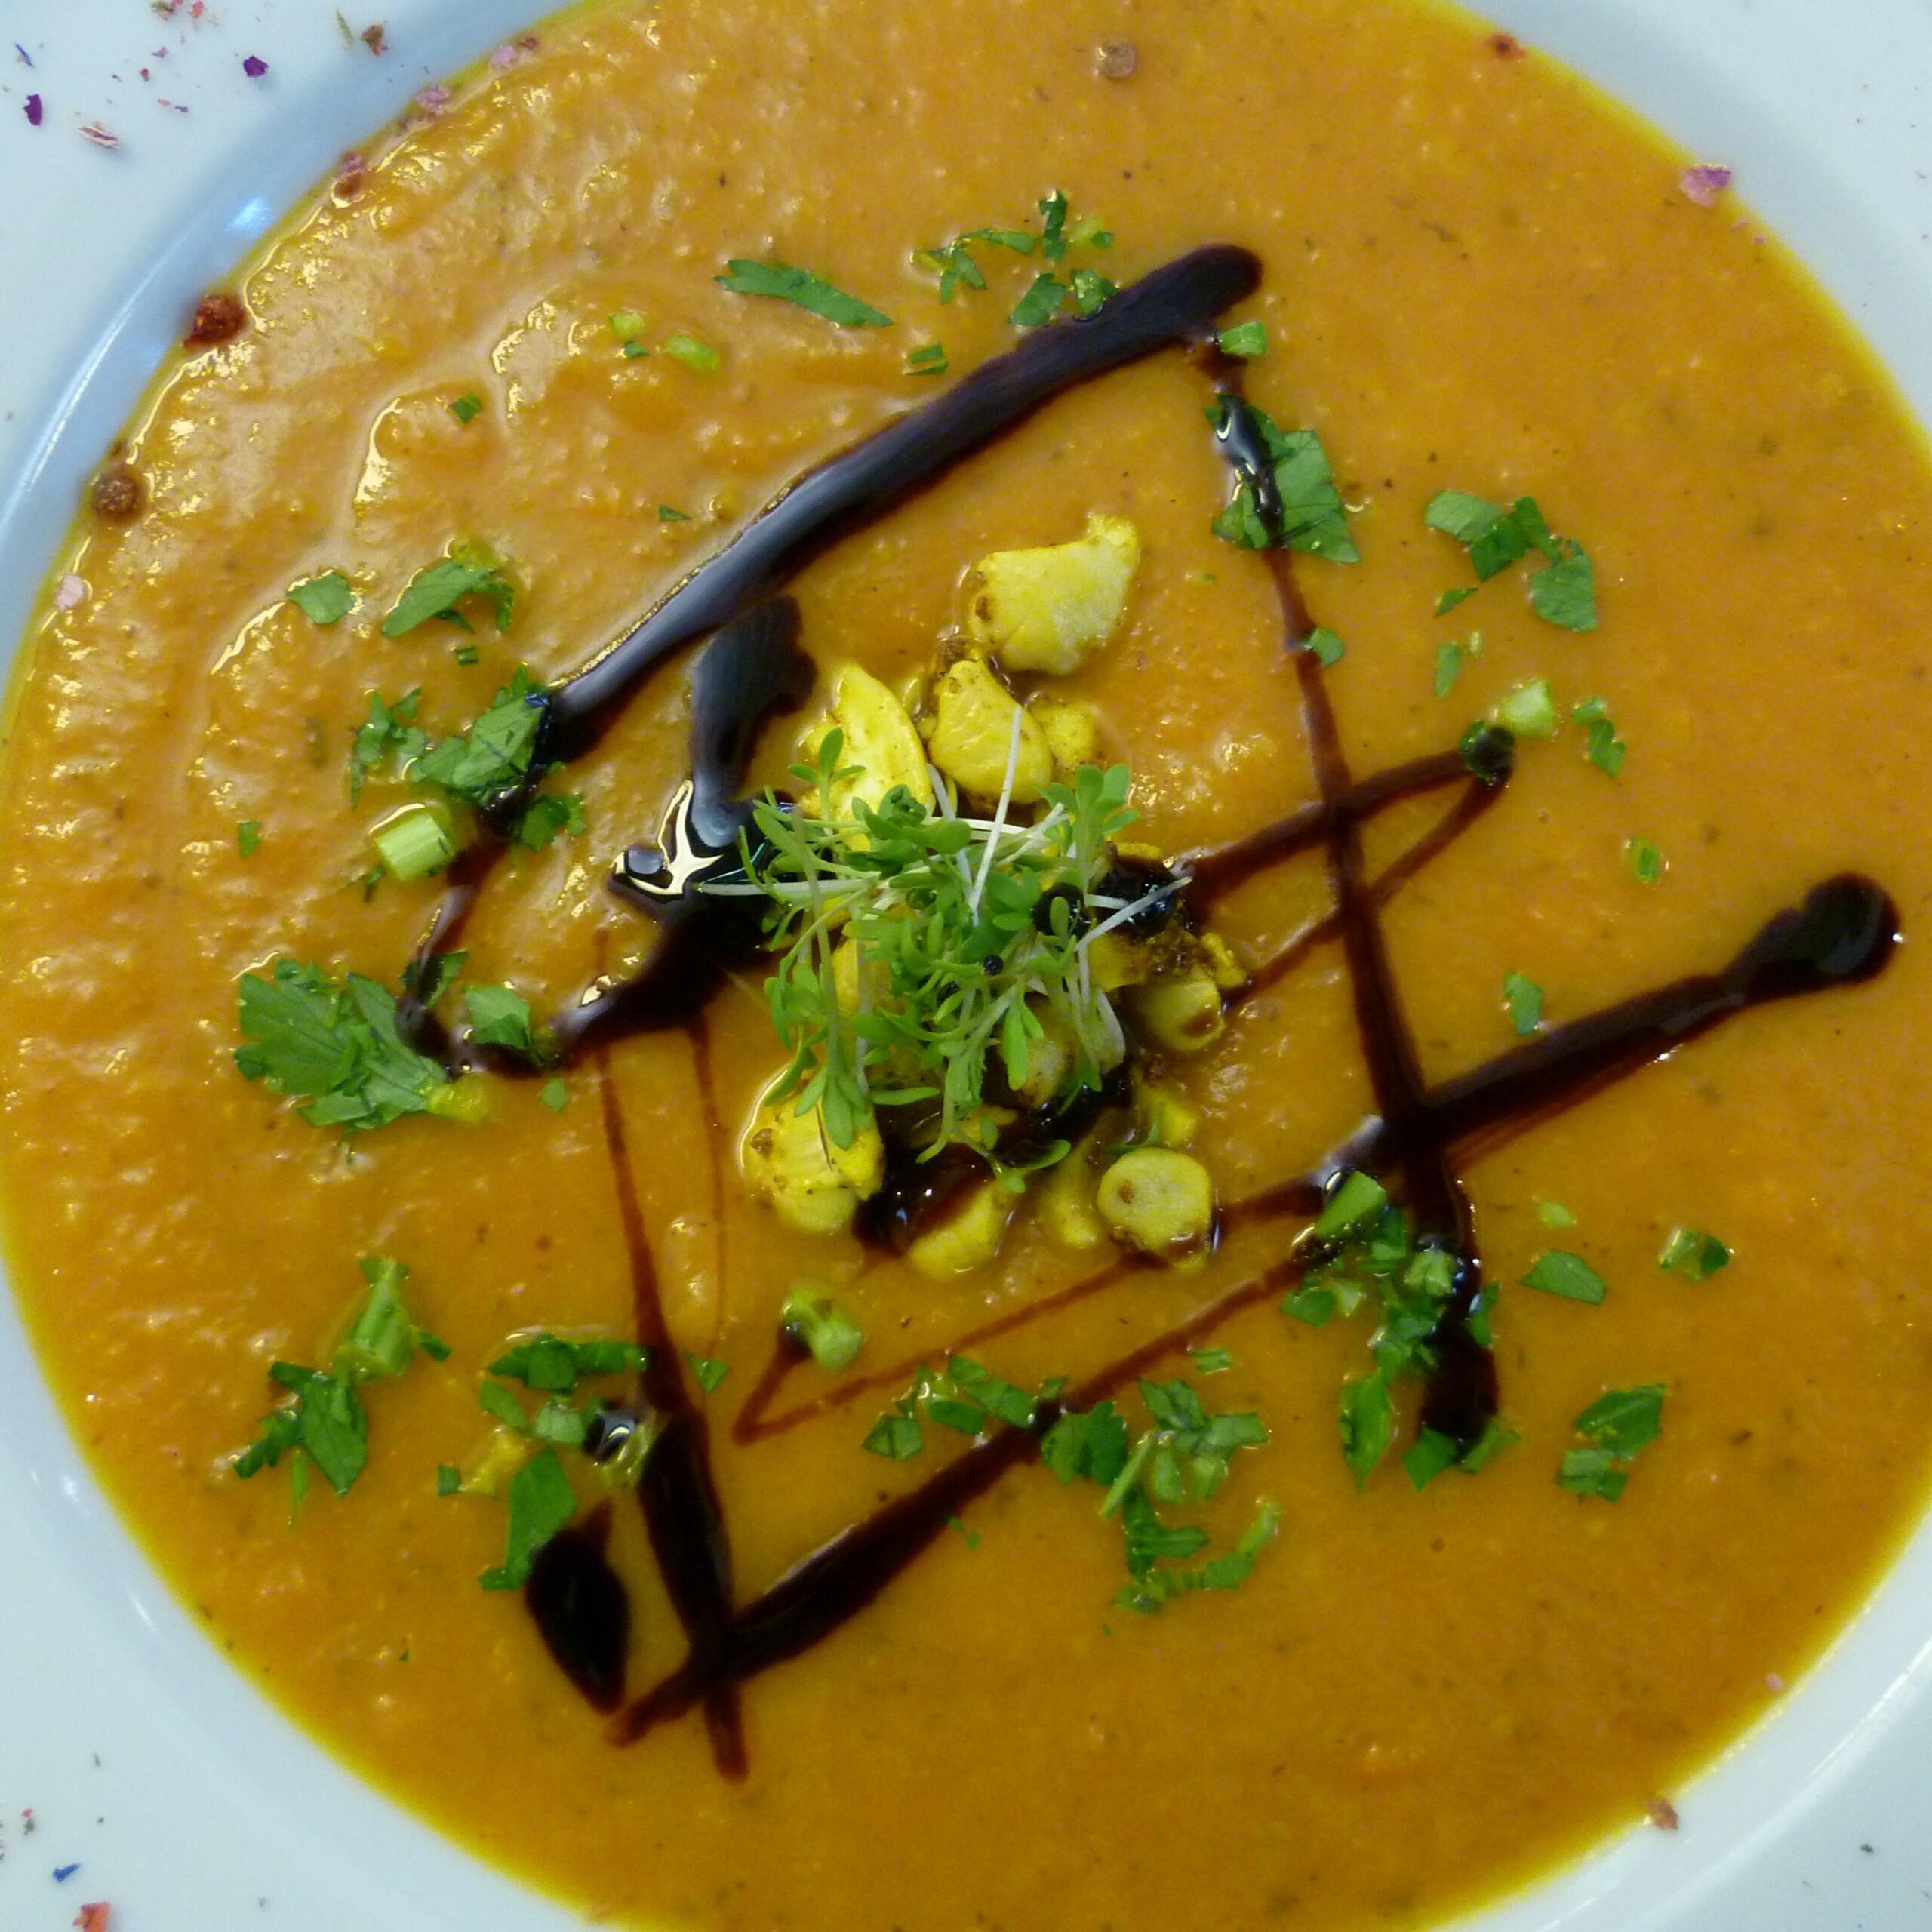 Süßkartoffel-Orangen-Suppe - Mittagstisch Mittagessen Biodelikat Bad Tölz